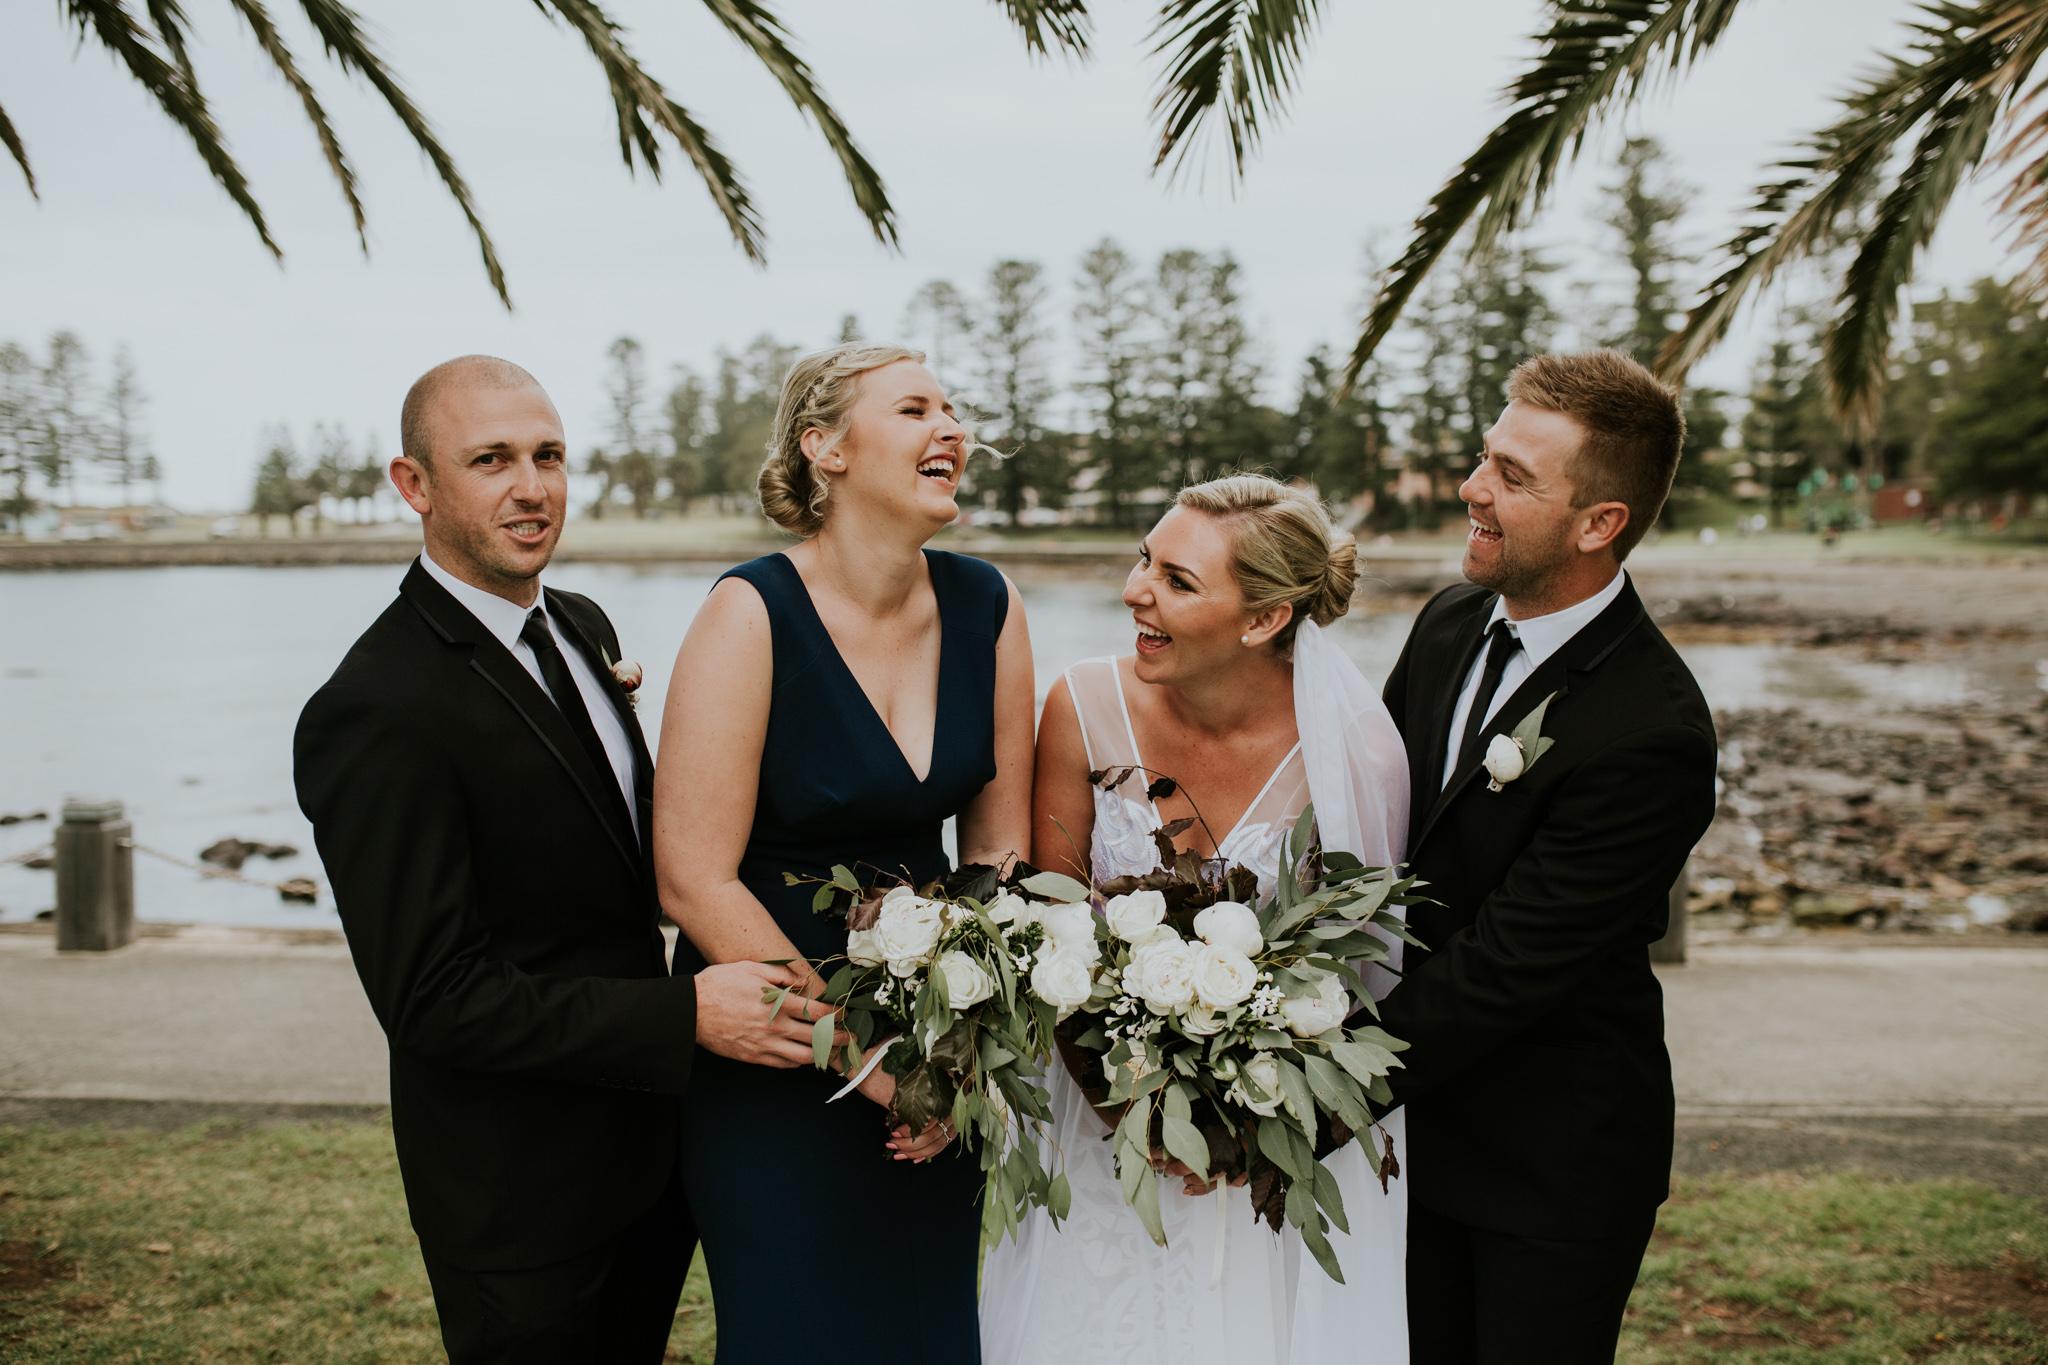 Lucy+Kyle+Kiama+Sebel+wedding-122.jpg